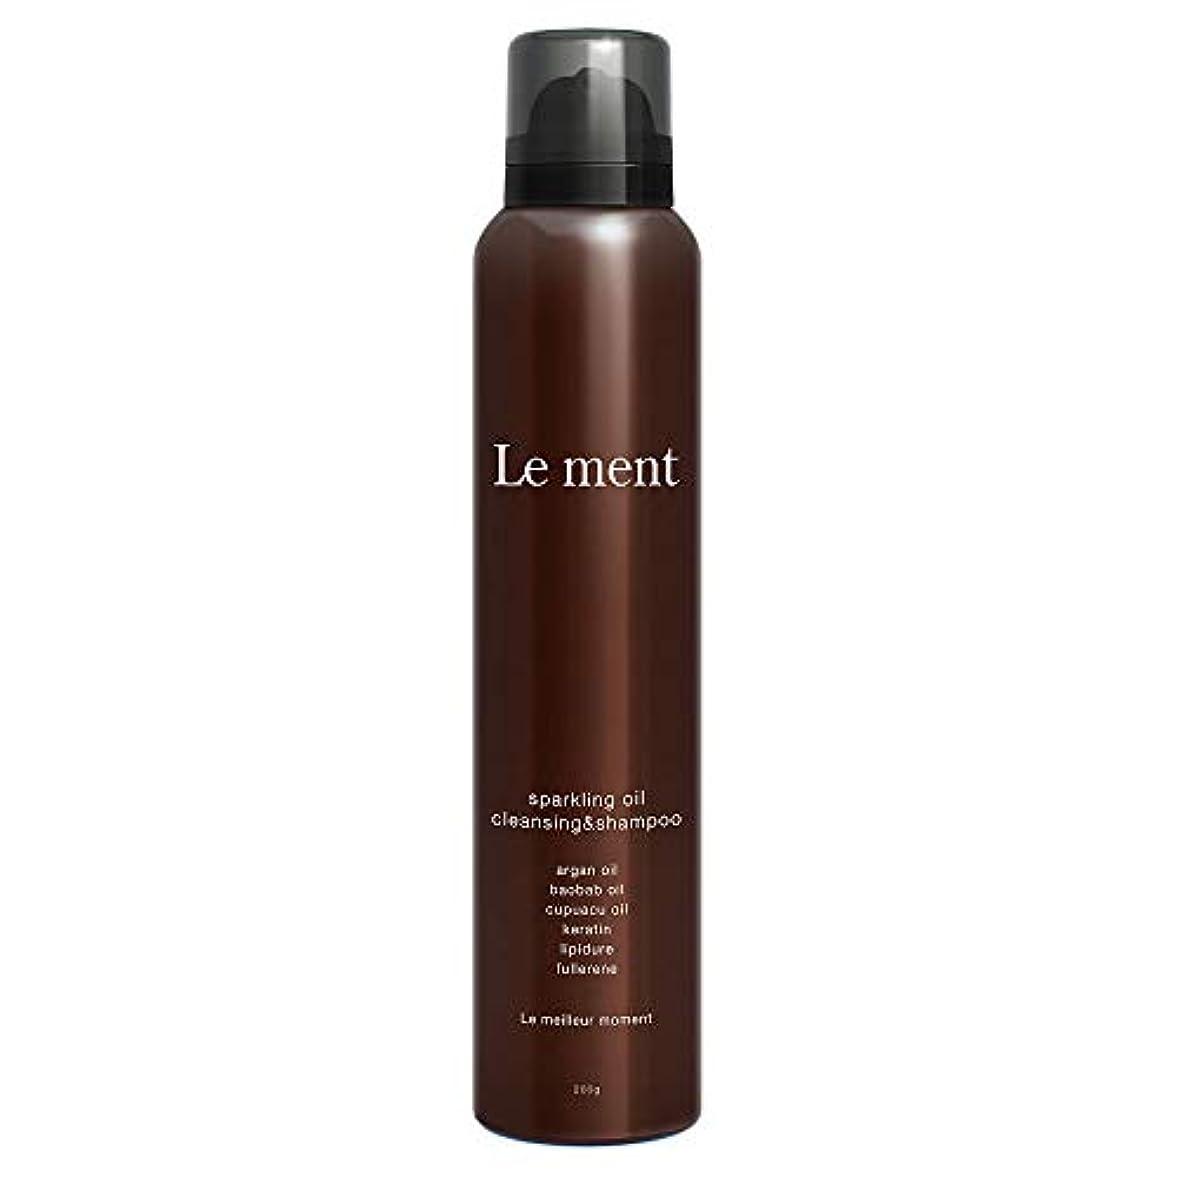 あいまい空中展示会Le ment -sparkling oil cleansing & shampoo -